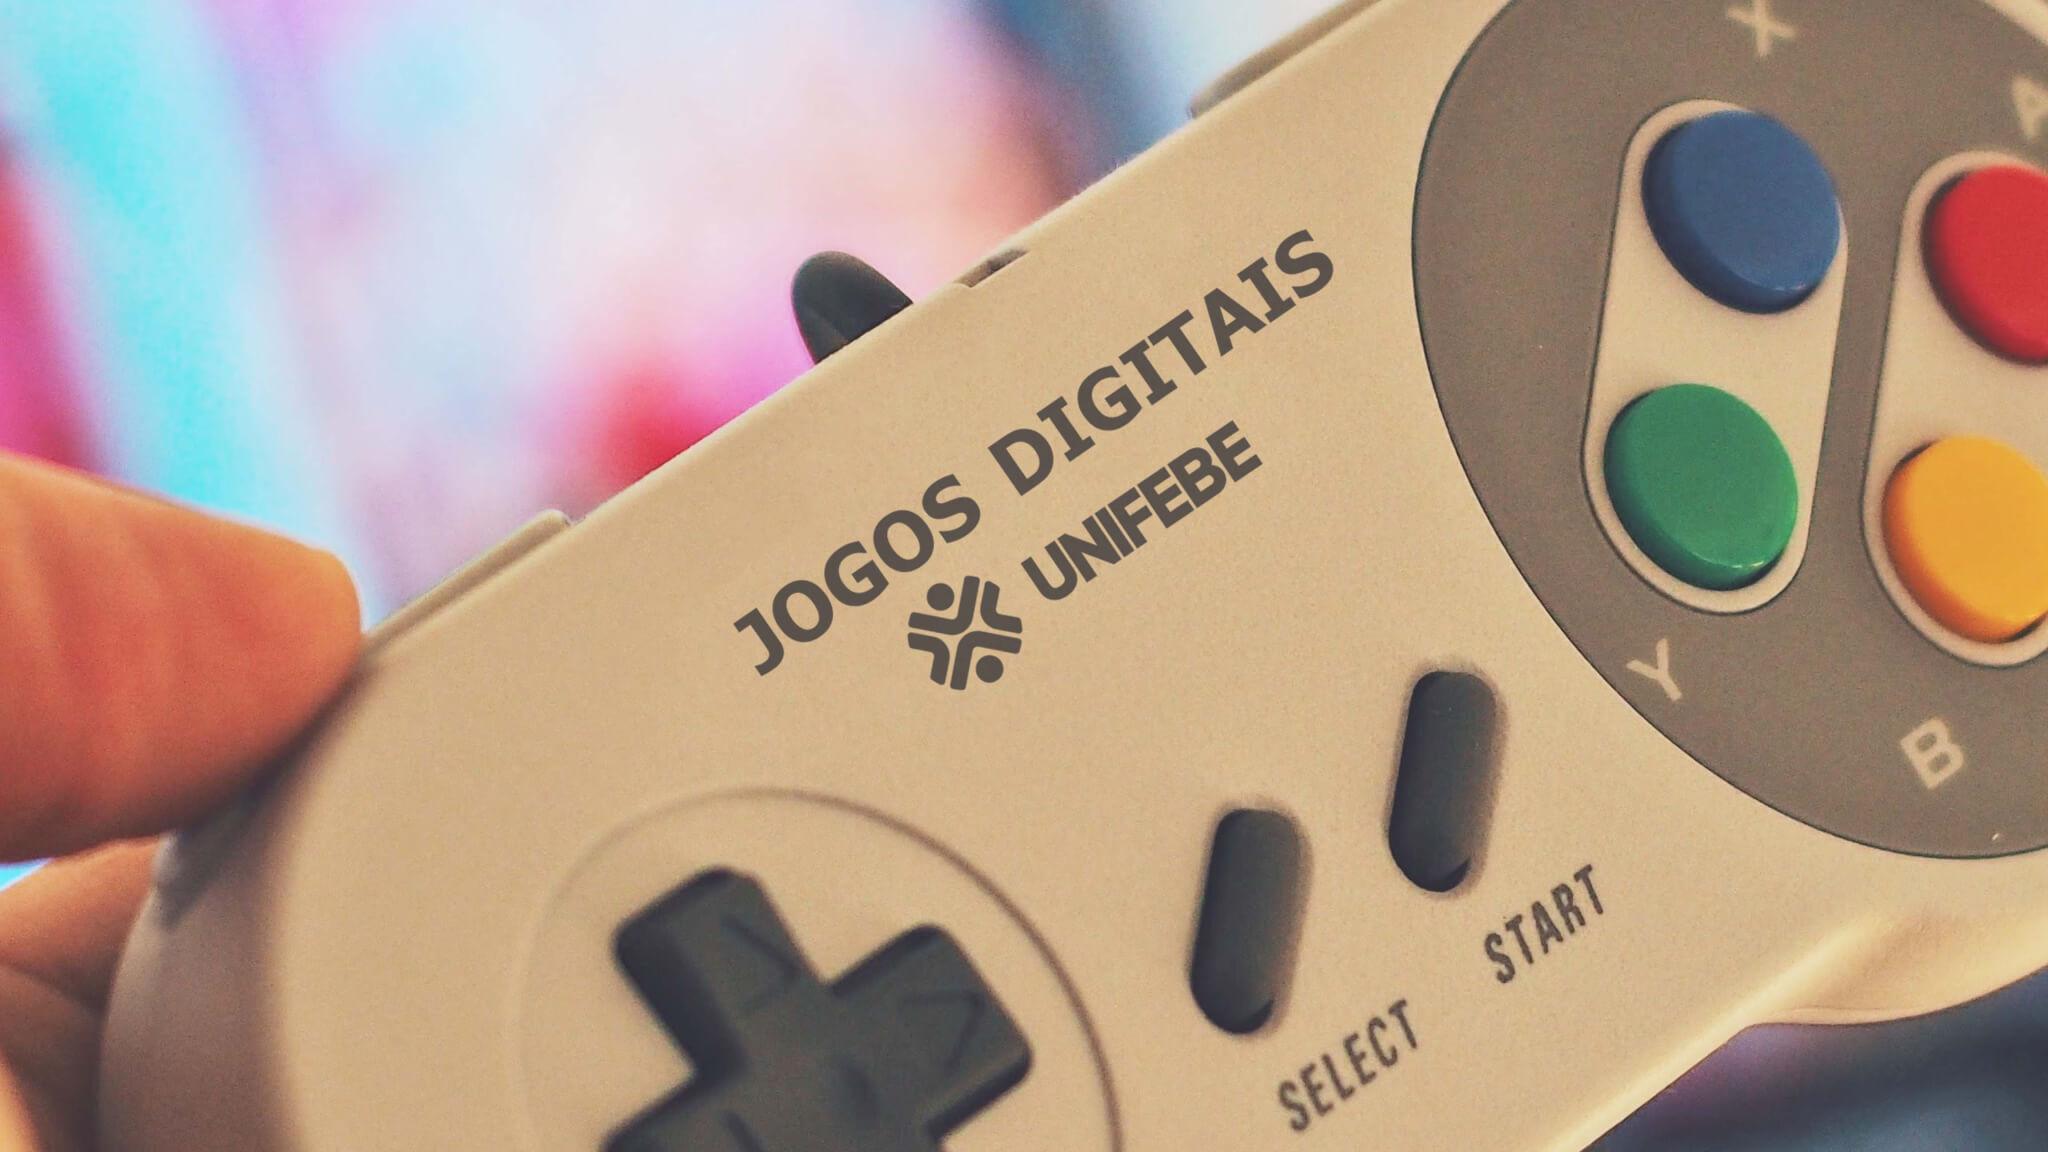 1ª Semana Acadêmica de Jogos Digitais inicia nesta segunda-feira, 22